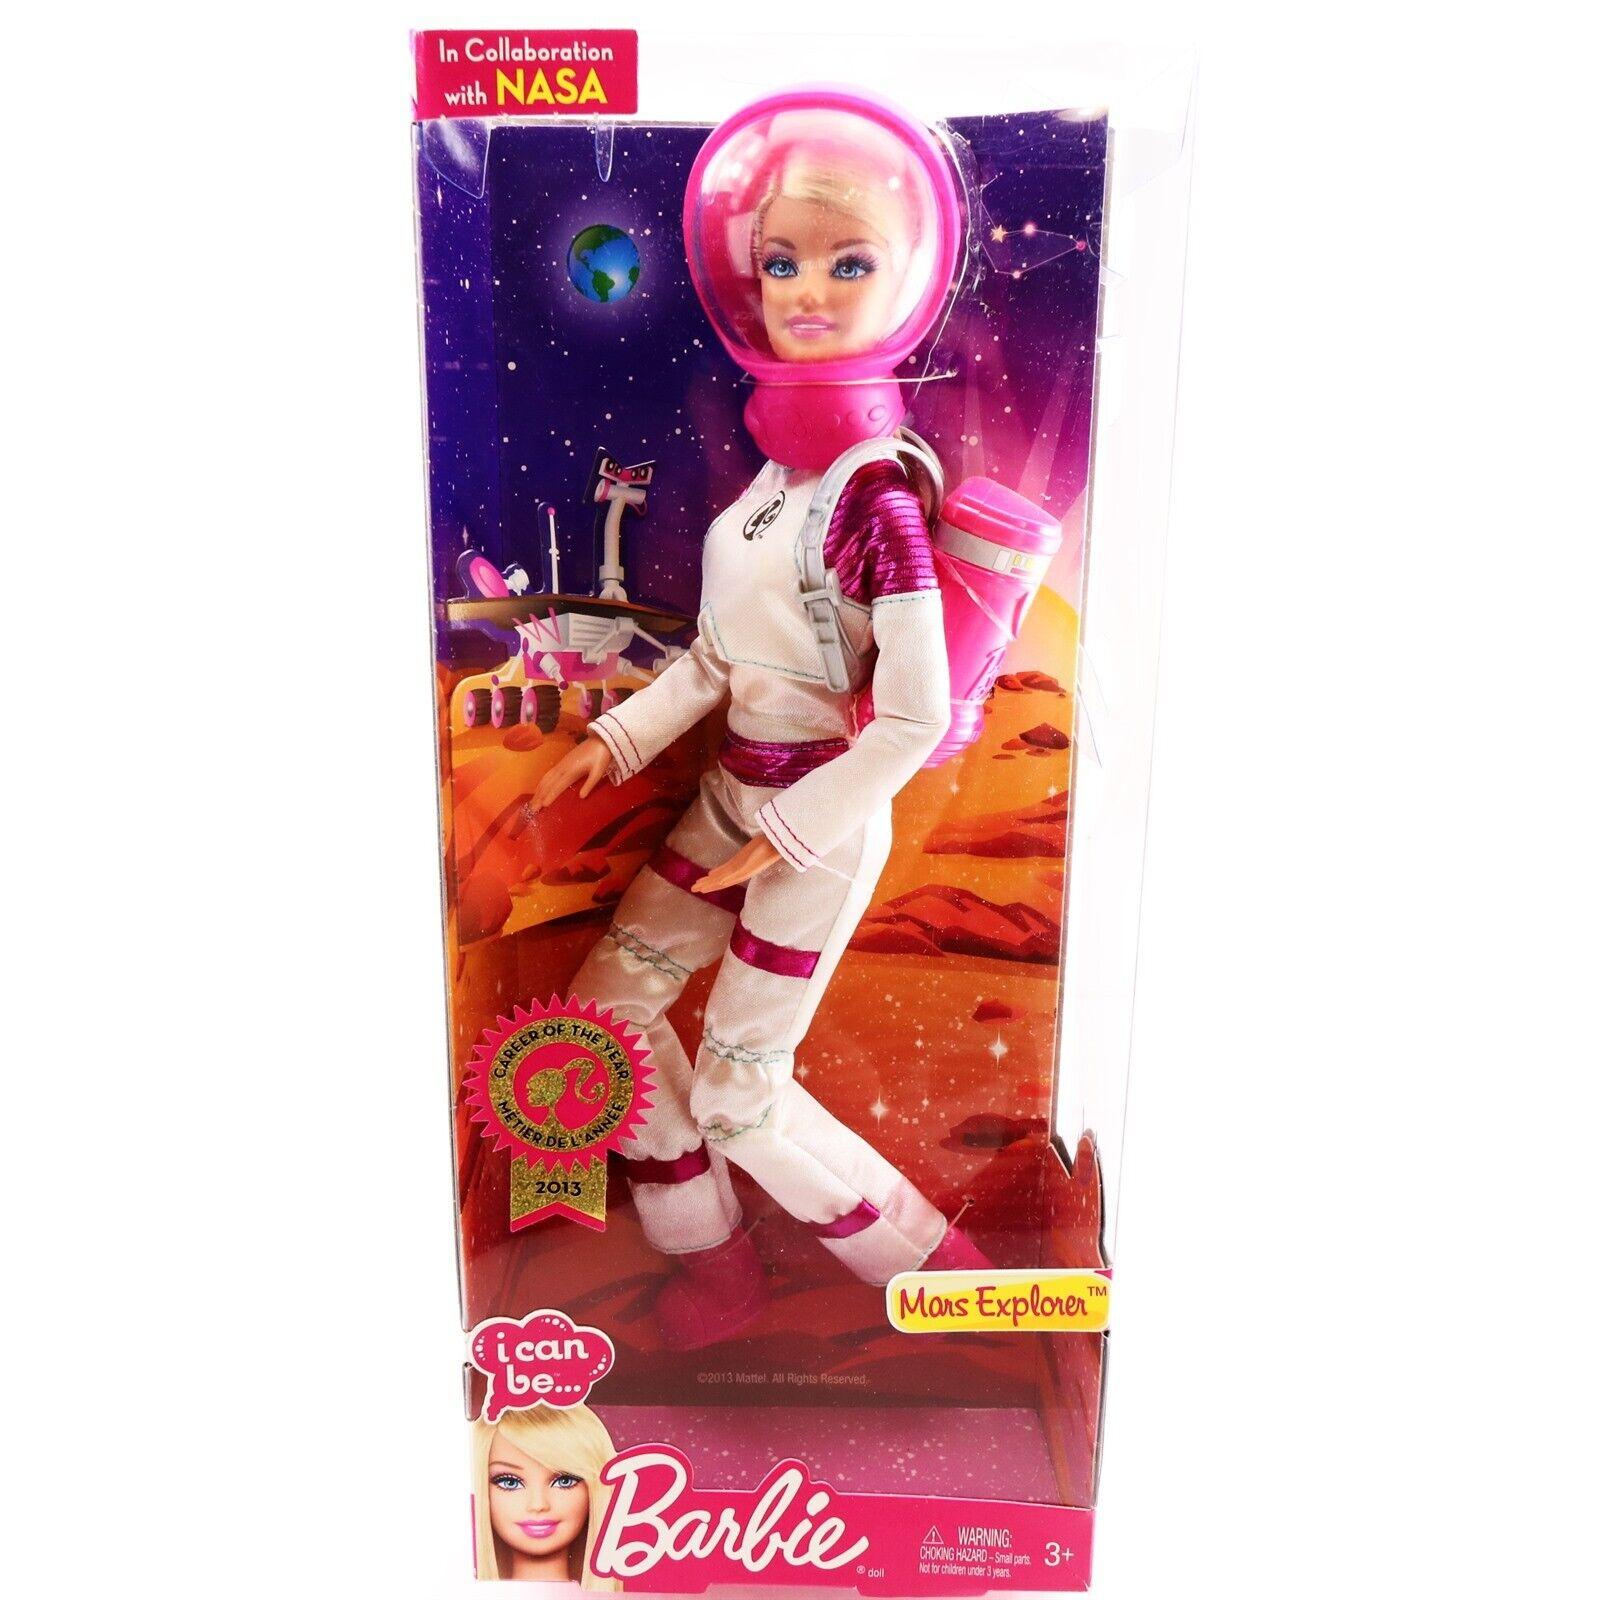 Barbie Puedo Ser Marte explorador de la NASA carrera del año 2013 Muñeca Juguetes para niñas 3